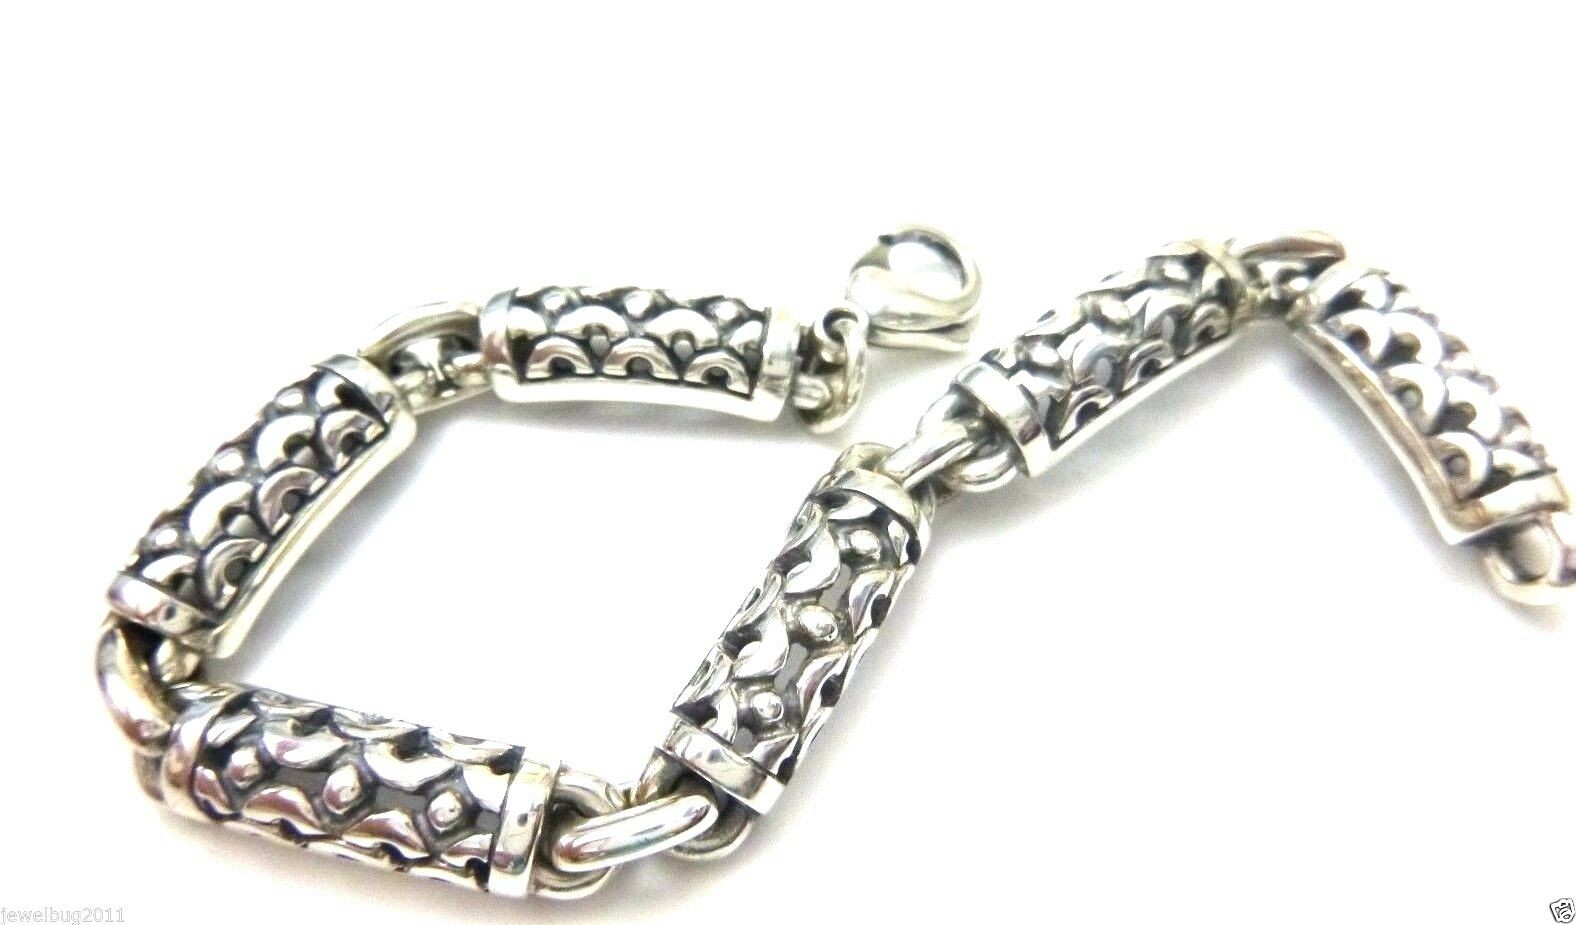 RARE James Avery Retired Scroll Link Bracelet Slender Wrist 7